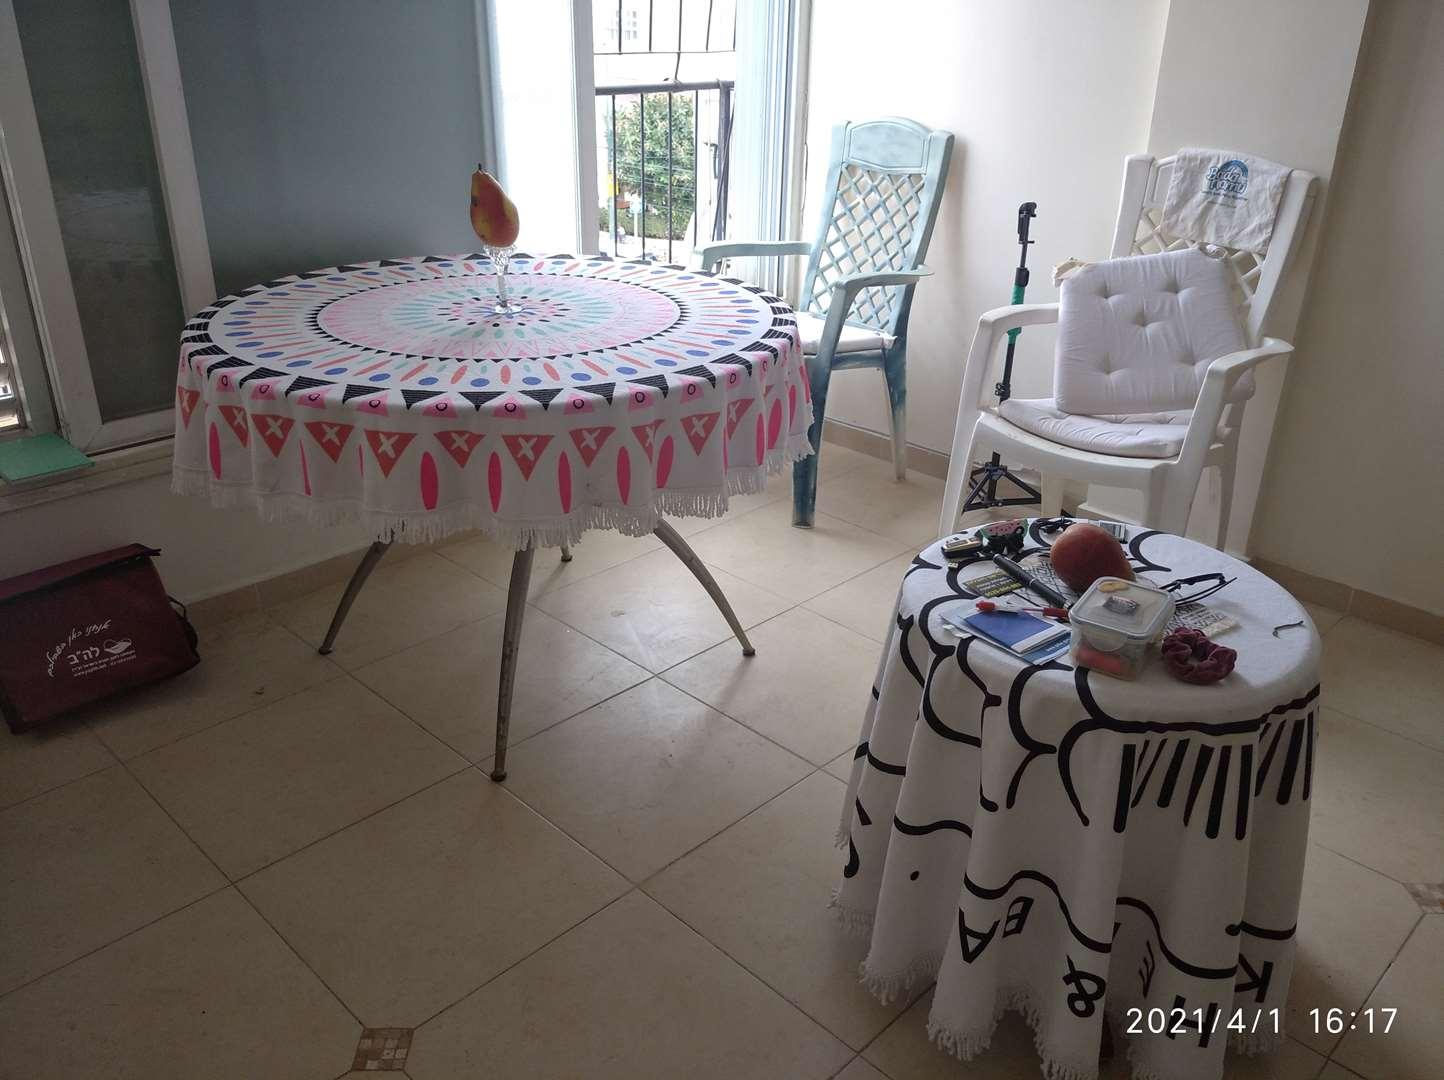 דירה לשותפים 4 חדרים בתל אביב יפו יהודה. מכבי